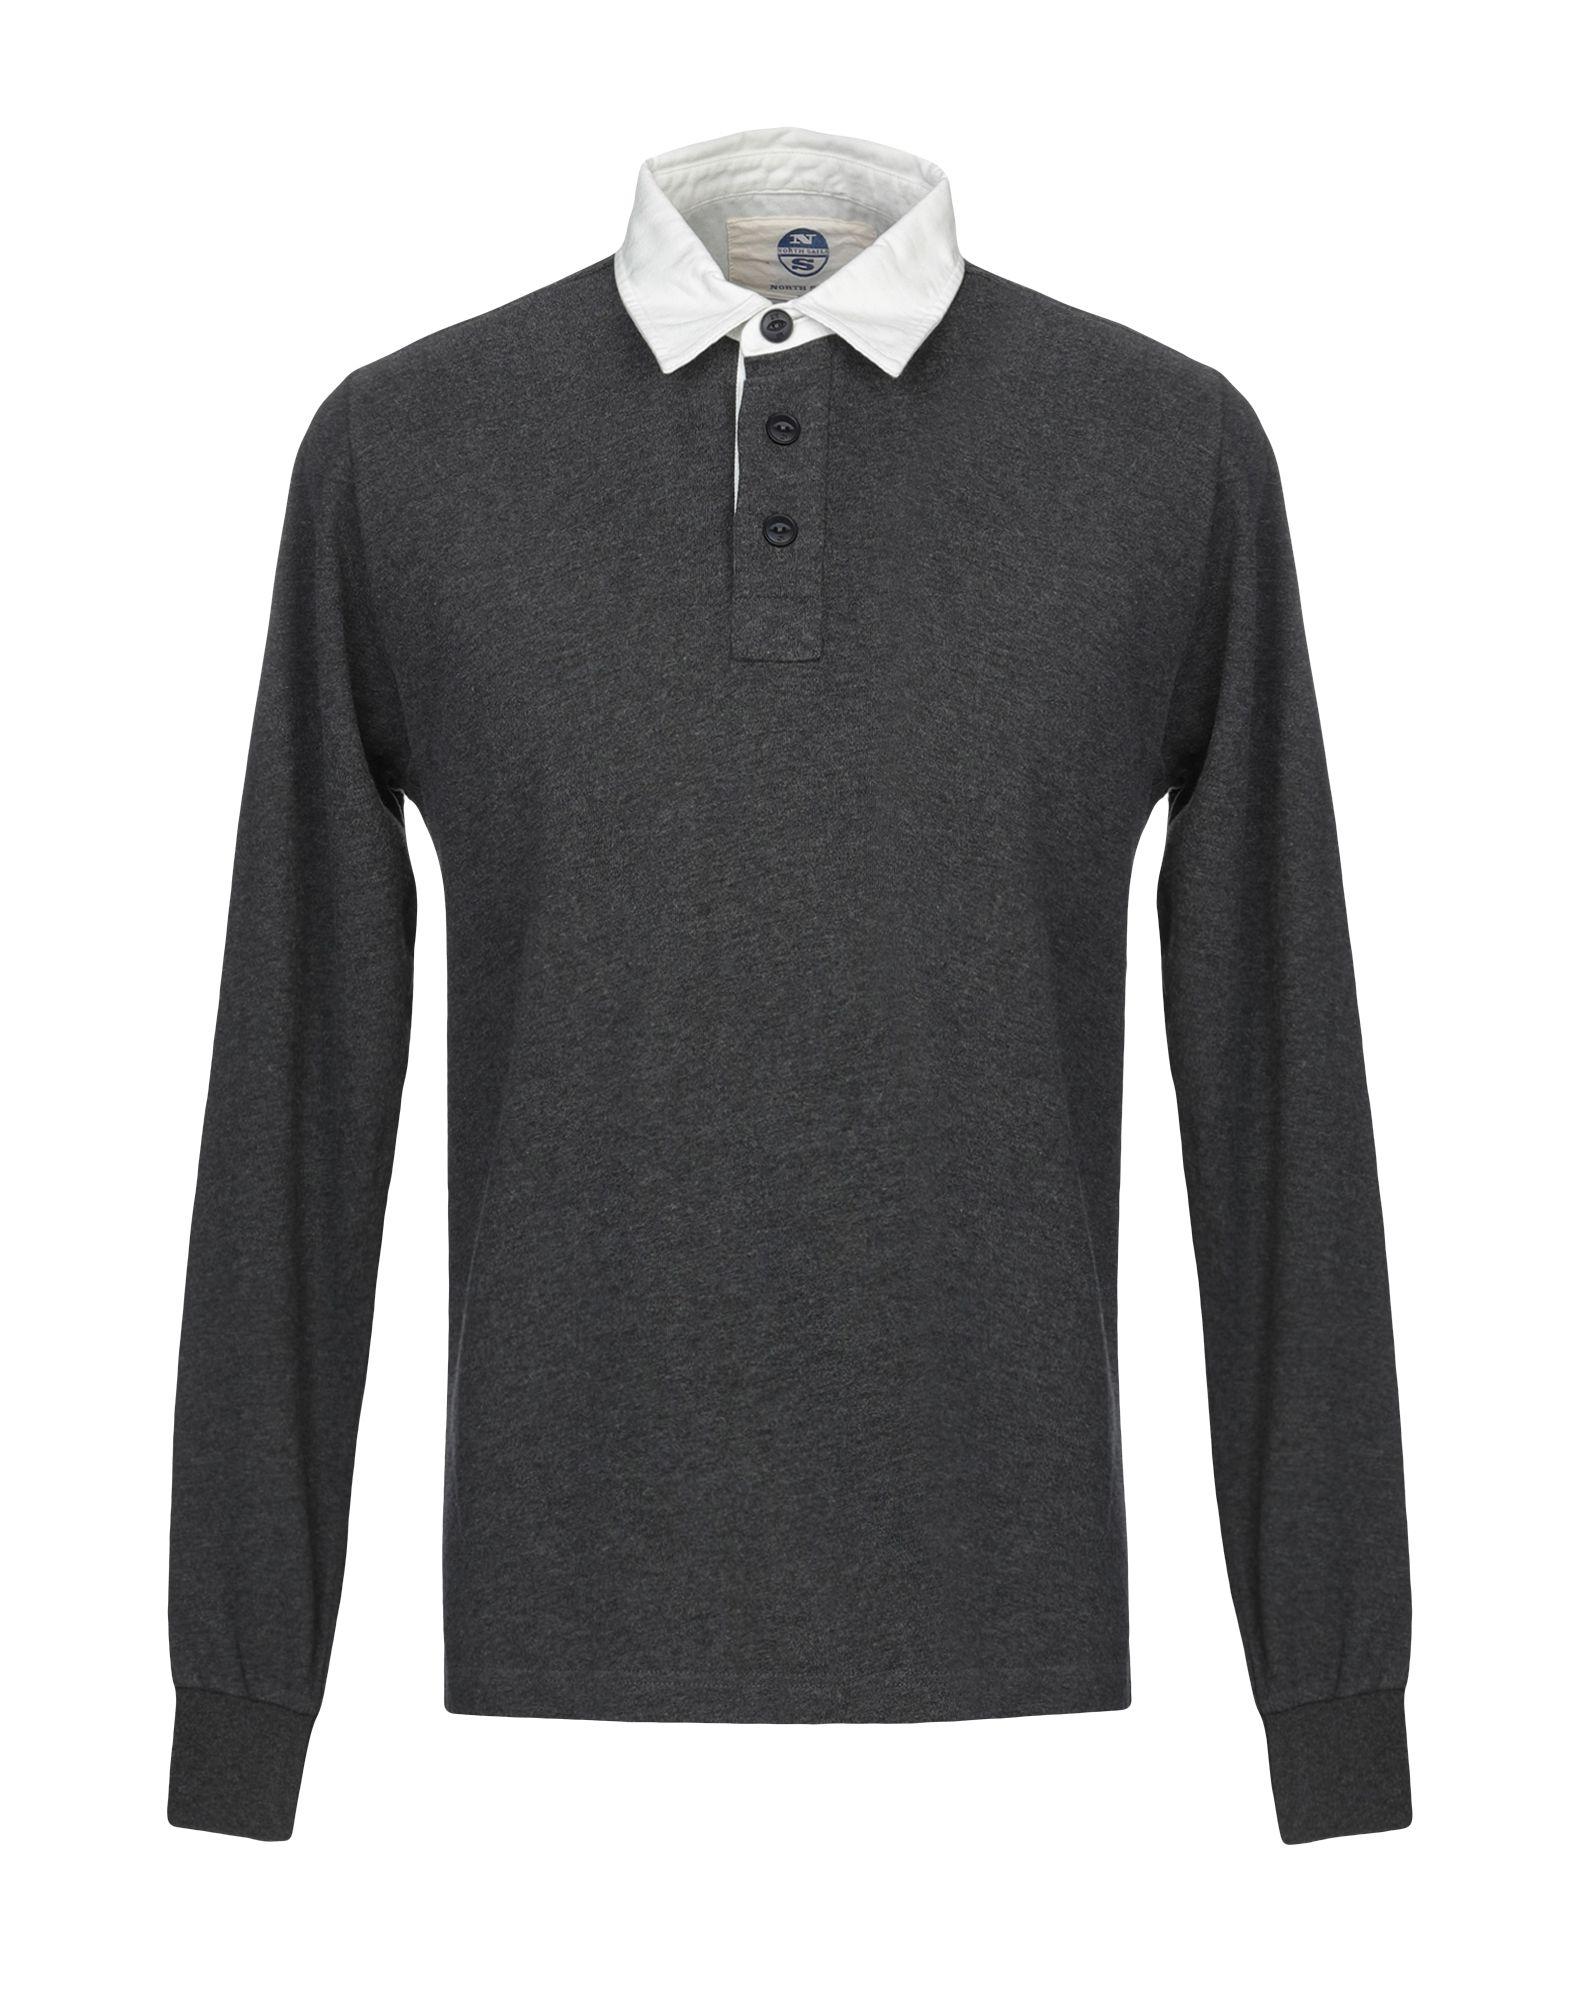 《送料無料》NORTH SAILS メンズ ポロシャツ 鉛色 M コットン 100%